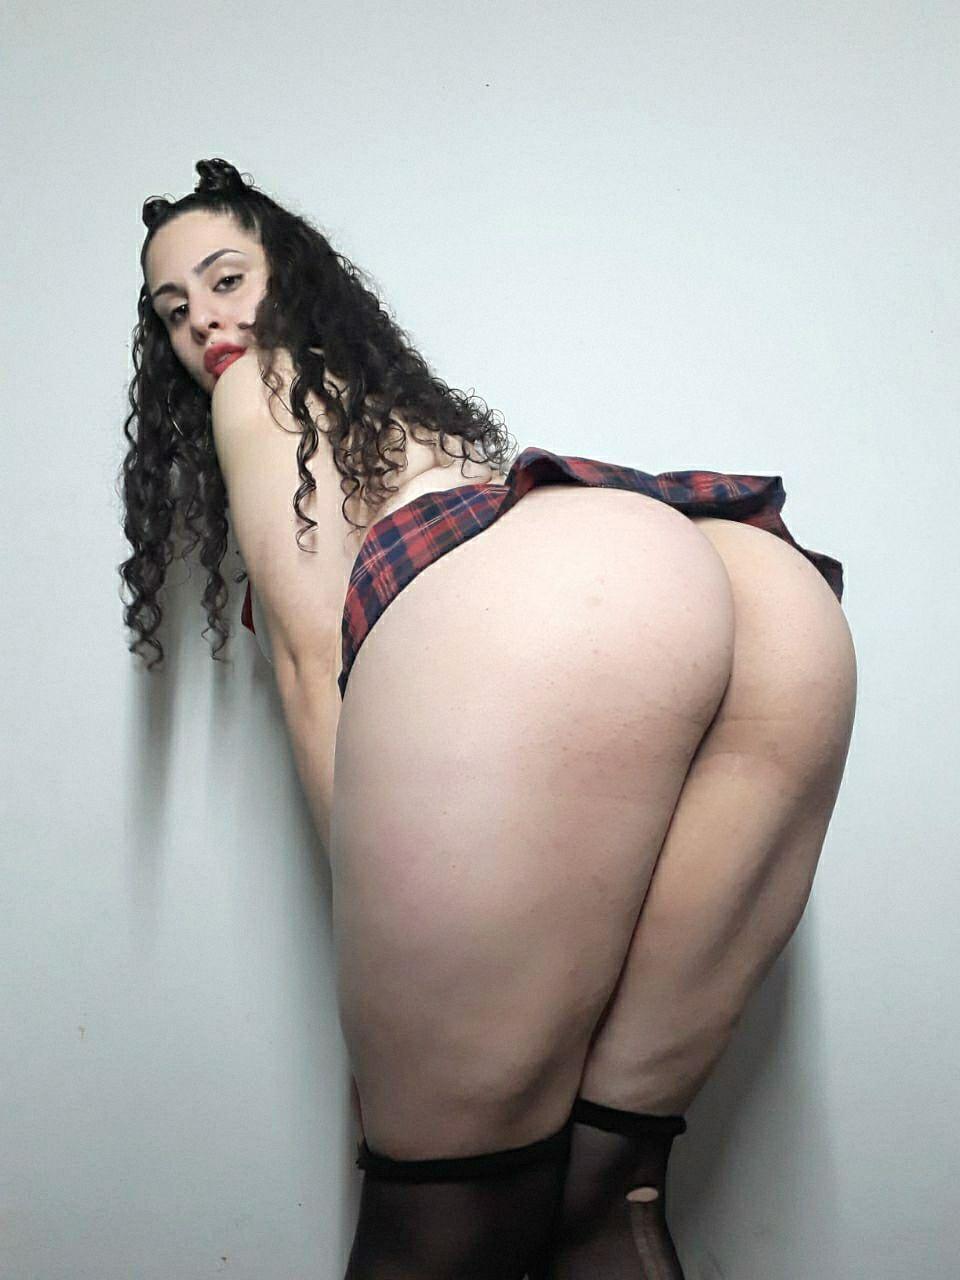 fotos súper culona, chicas culonas, fotos amateurs de mujeres culonas 15